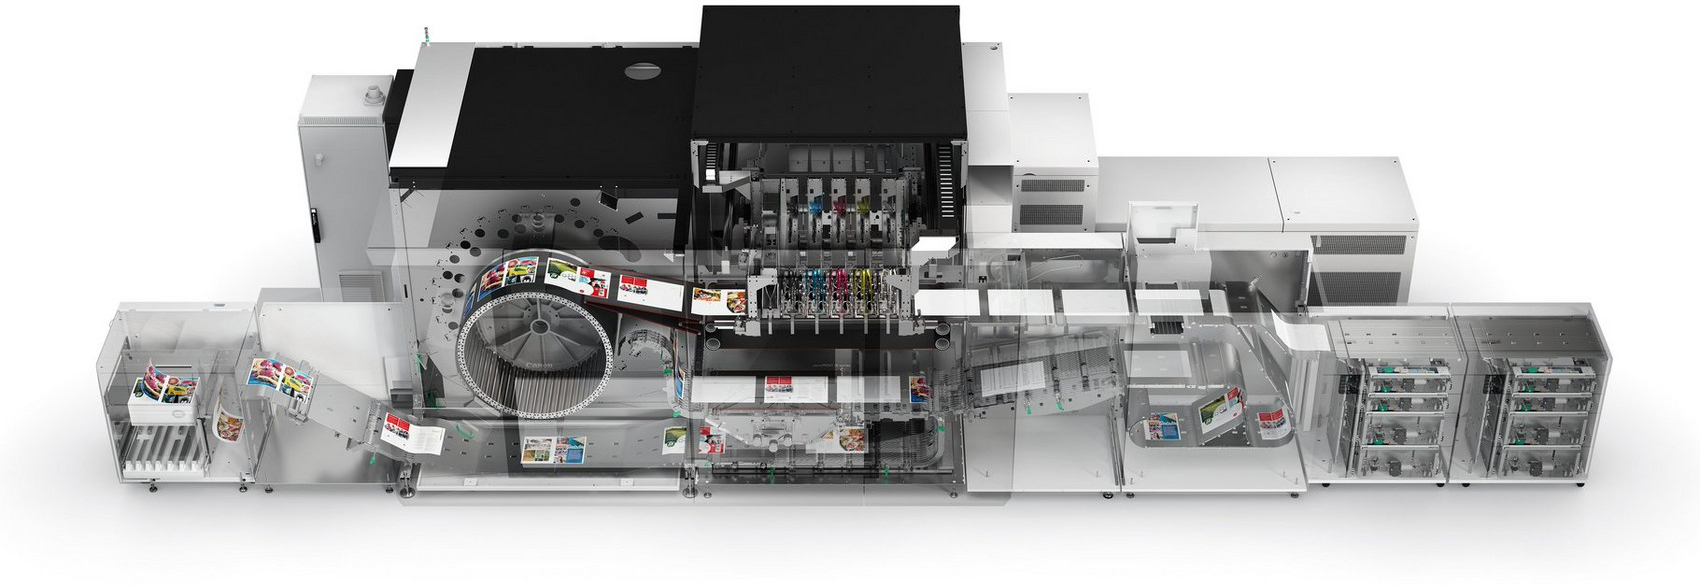 Canon varioPRINT серии iX. Переход на струйную печать